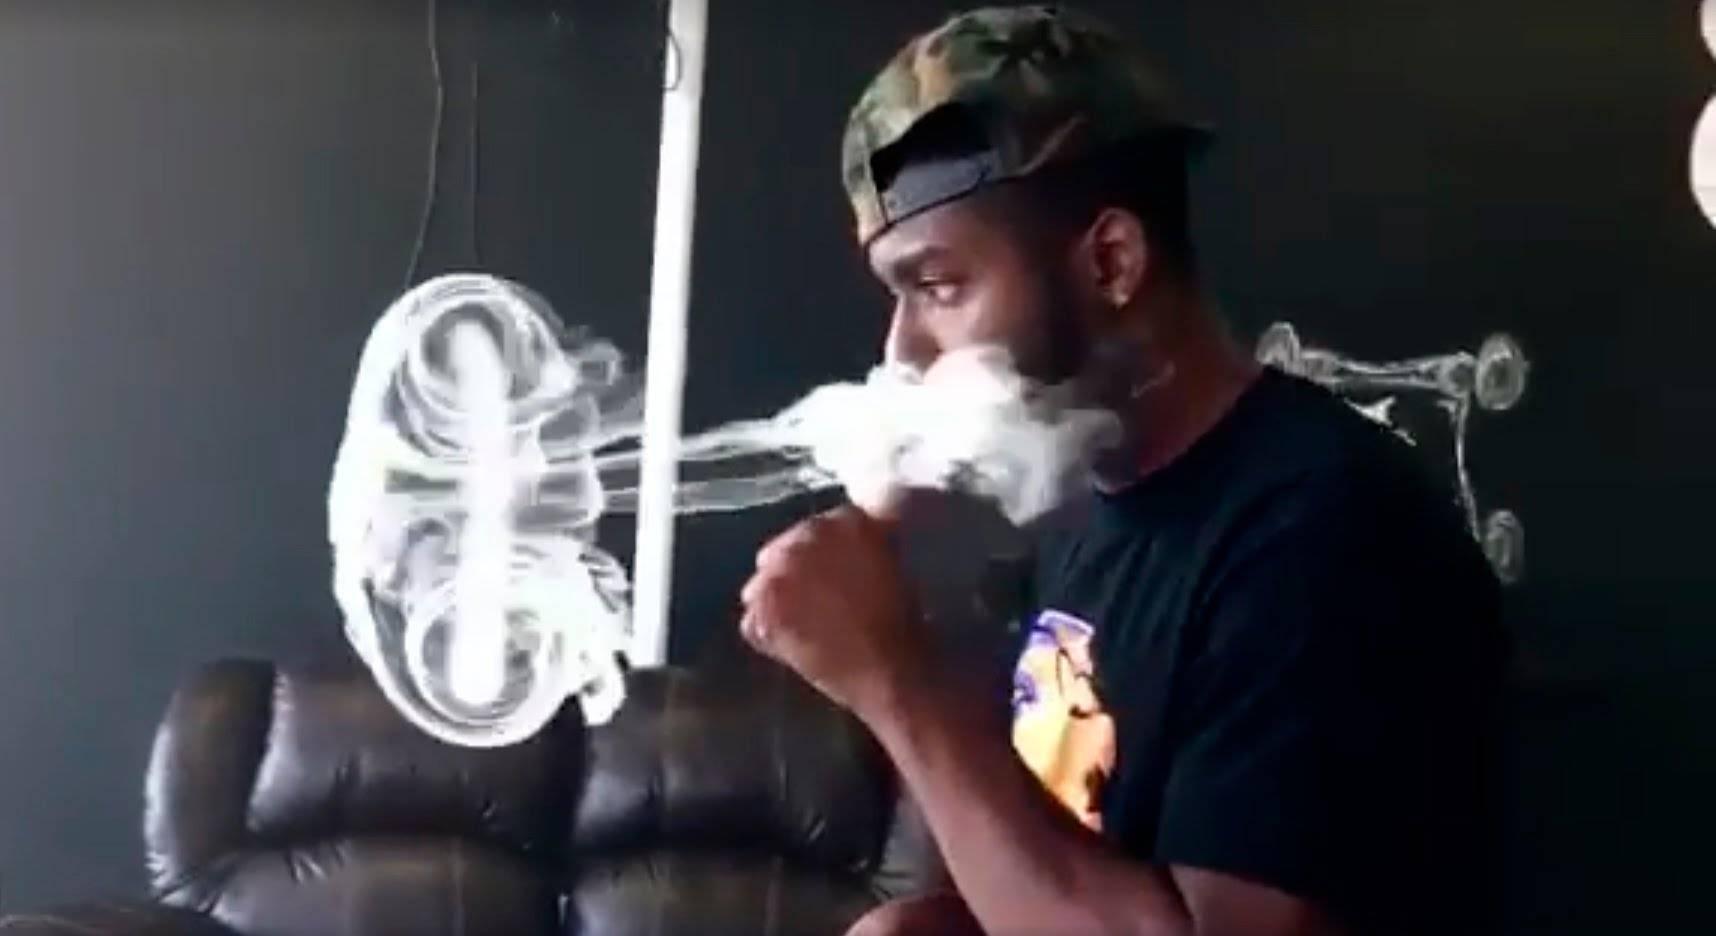 Трюки с кальянным дымом - как делать кольца из дыма. научиться пускать колечки, медузу, торнадо и другие фокусы из дыма кальяна